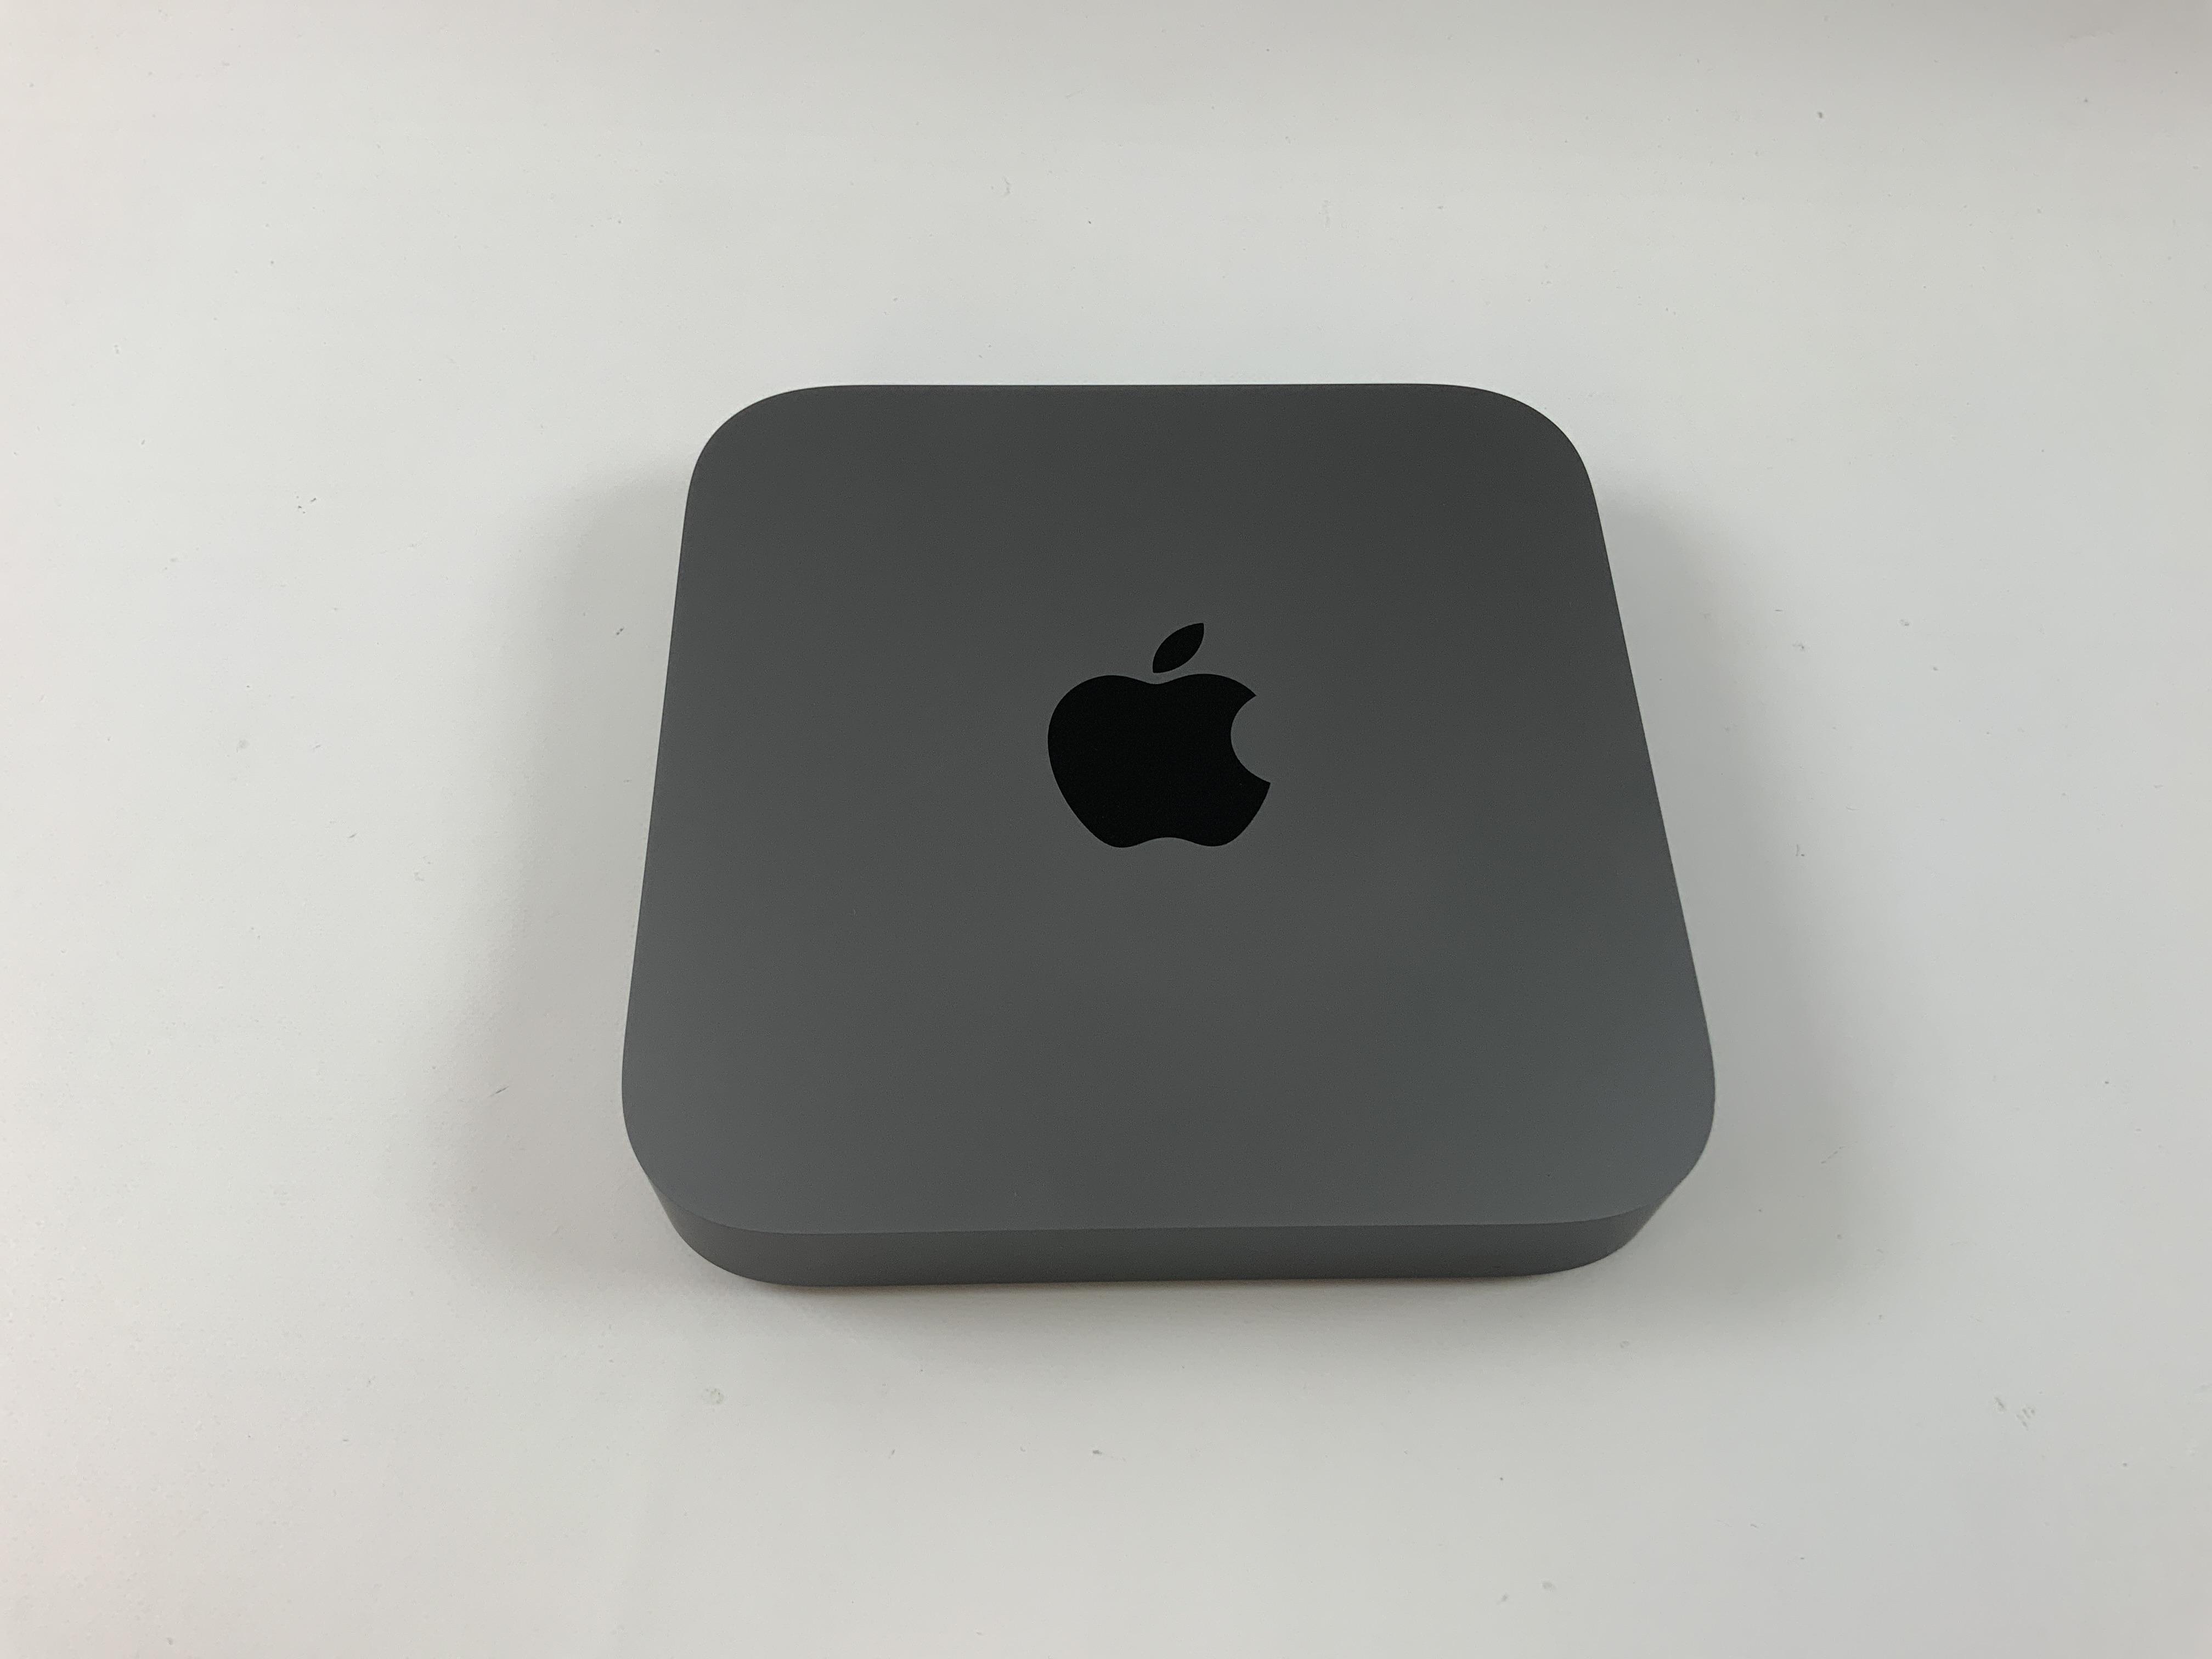 Mac Mini Late 2018 (Intel Quad-Core i3 3.6 GHz 64 GB RAM 128 GB SSD), Intel Quad-Core i3 3.6 GHz, 64 GB RAM, 128 GB SSD, obraz 1